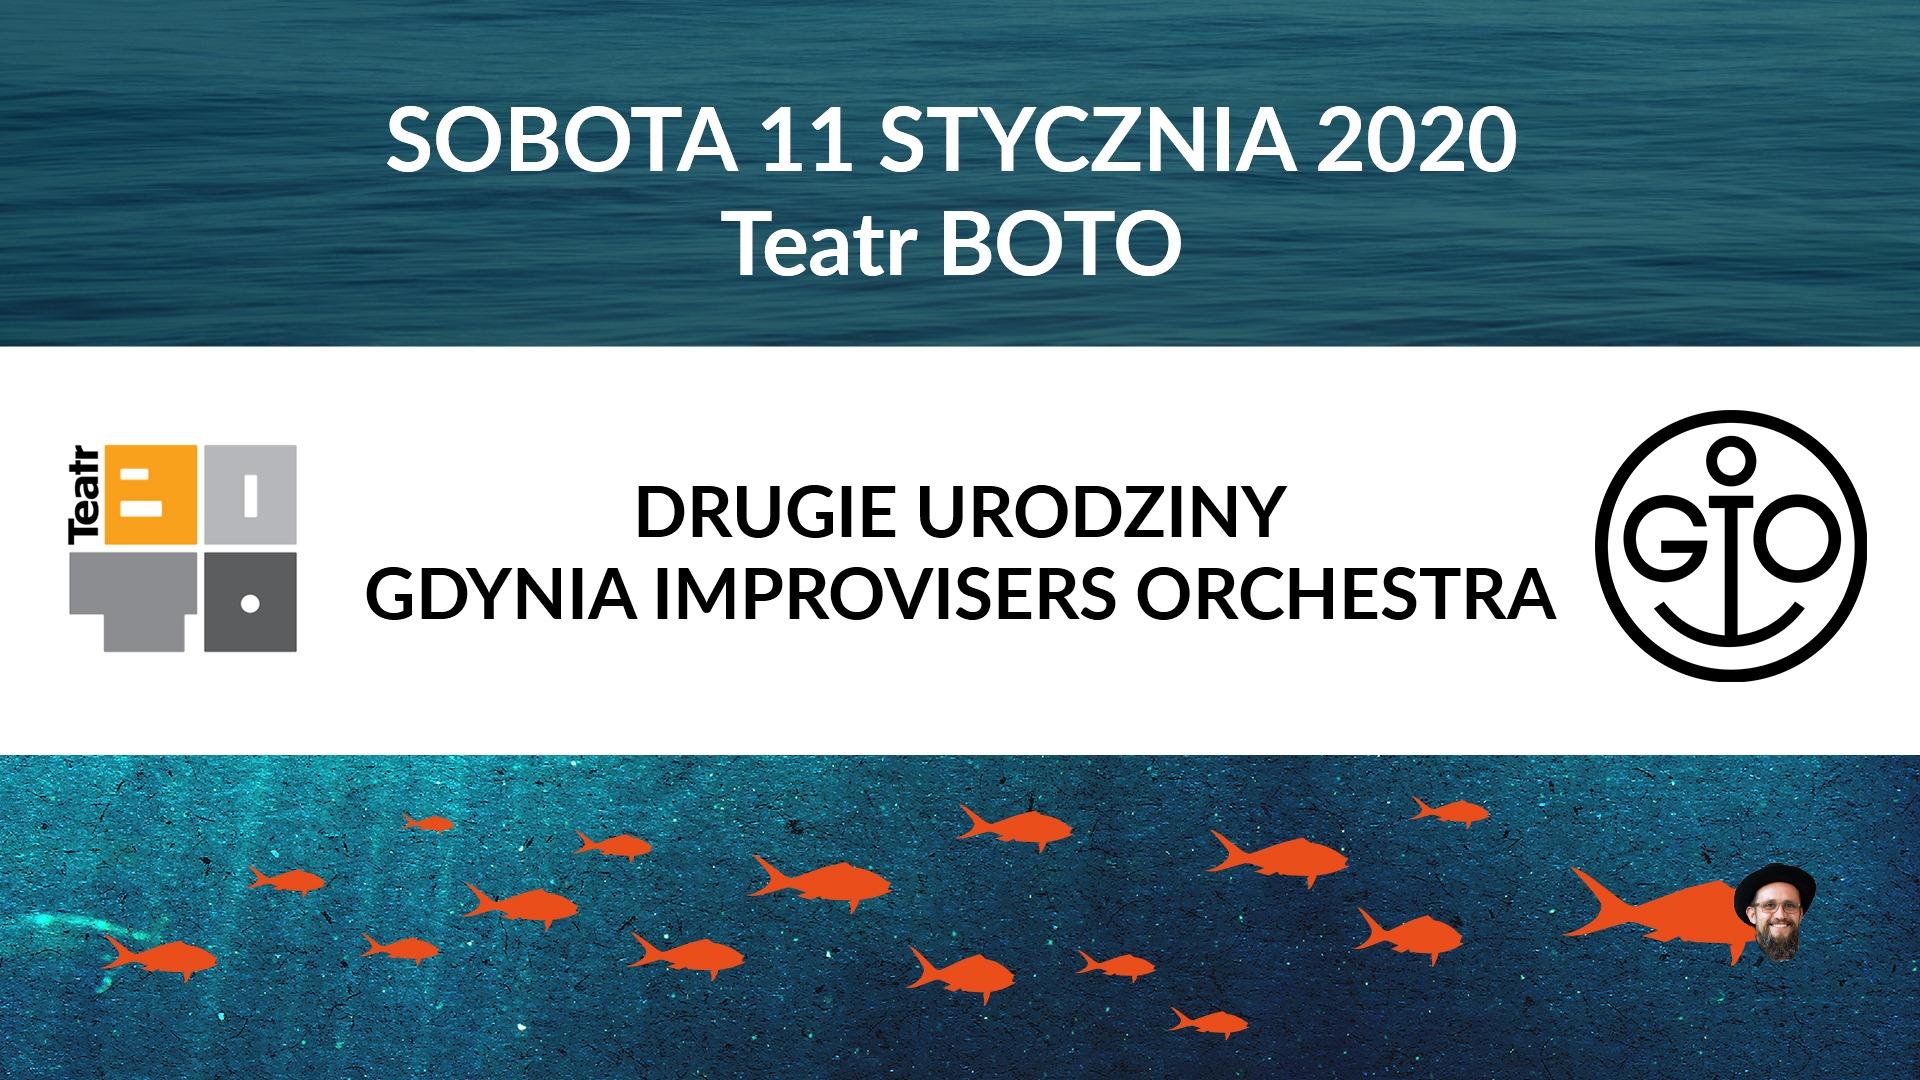 Drugie urodziny Gdynia Improvisers Orchestra